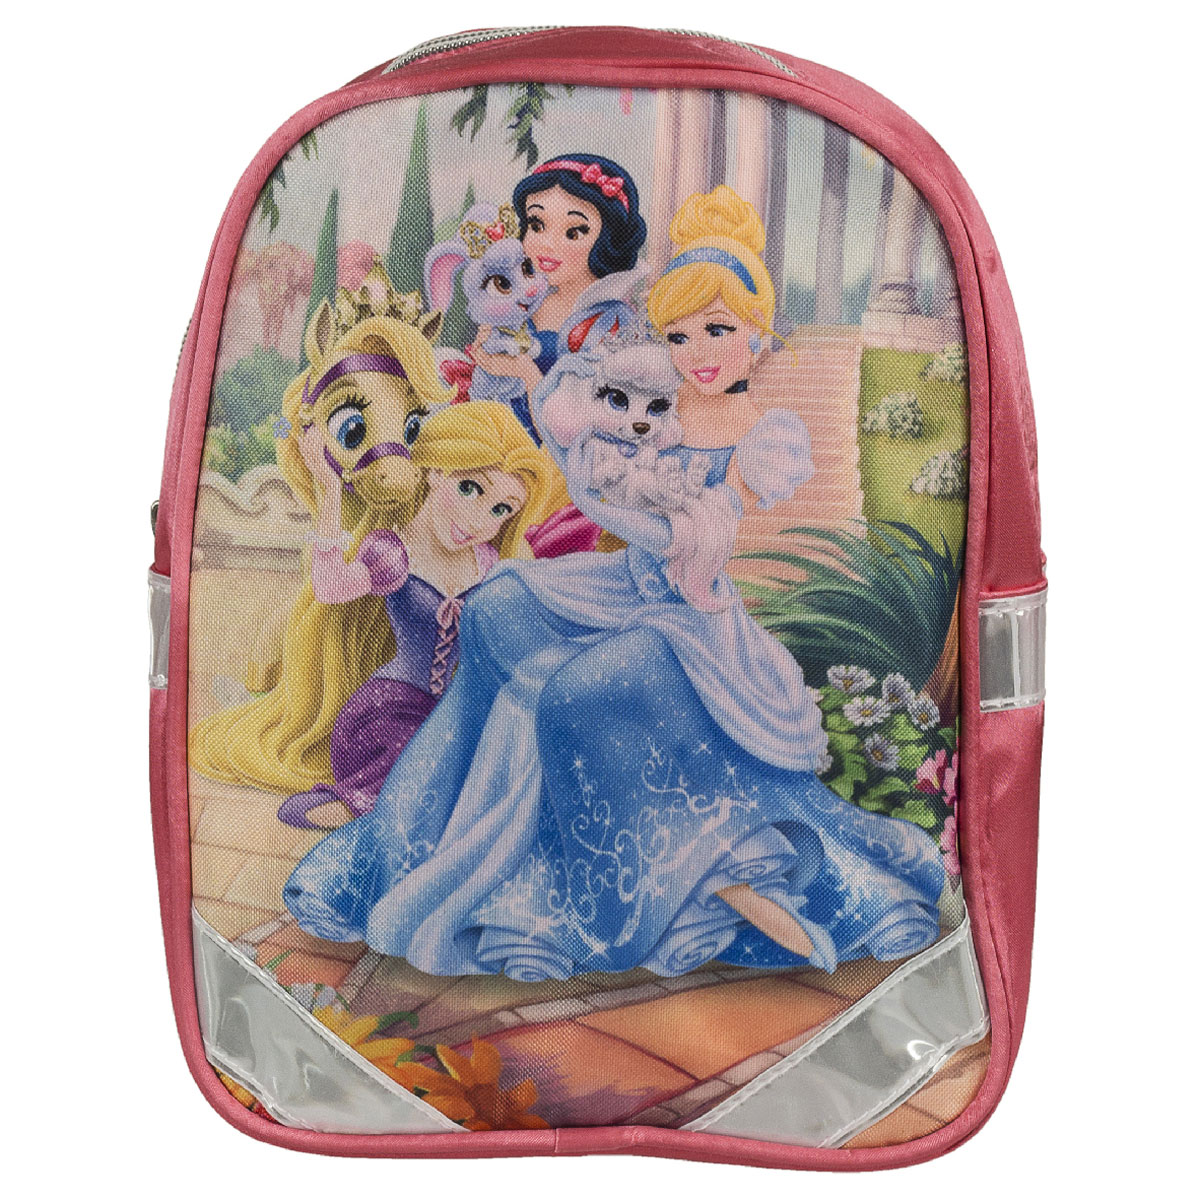 Рюкзак детский Kinderline Princess, цвет: розовый72523WDРюкзак детский Kinderline Princess выполнен из износоустойчивых материалов с водонепроницаемой основой, декорирован ярким рисунком. Рюкзак имеет одно вместительное основное отделение, закрывающееся на молнию.Ранец оснащен светоотражателями, удобной ручкой для переноски и двумя широкими лямками, регулируемой длины. С модным рюкзаком Princess ваша малышка будет звездой! Стильный и продуманный до мелочей рюкзак позаботится о том, чтобы прогулки доставляли ребенку только удовольствие.